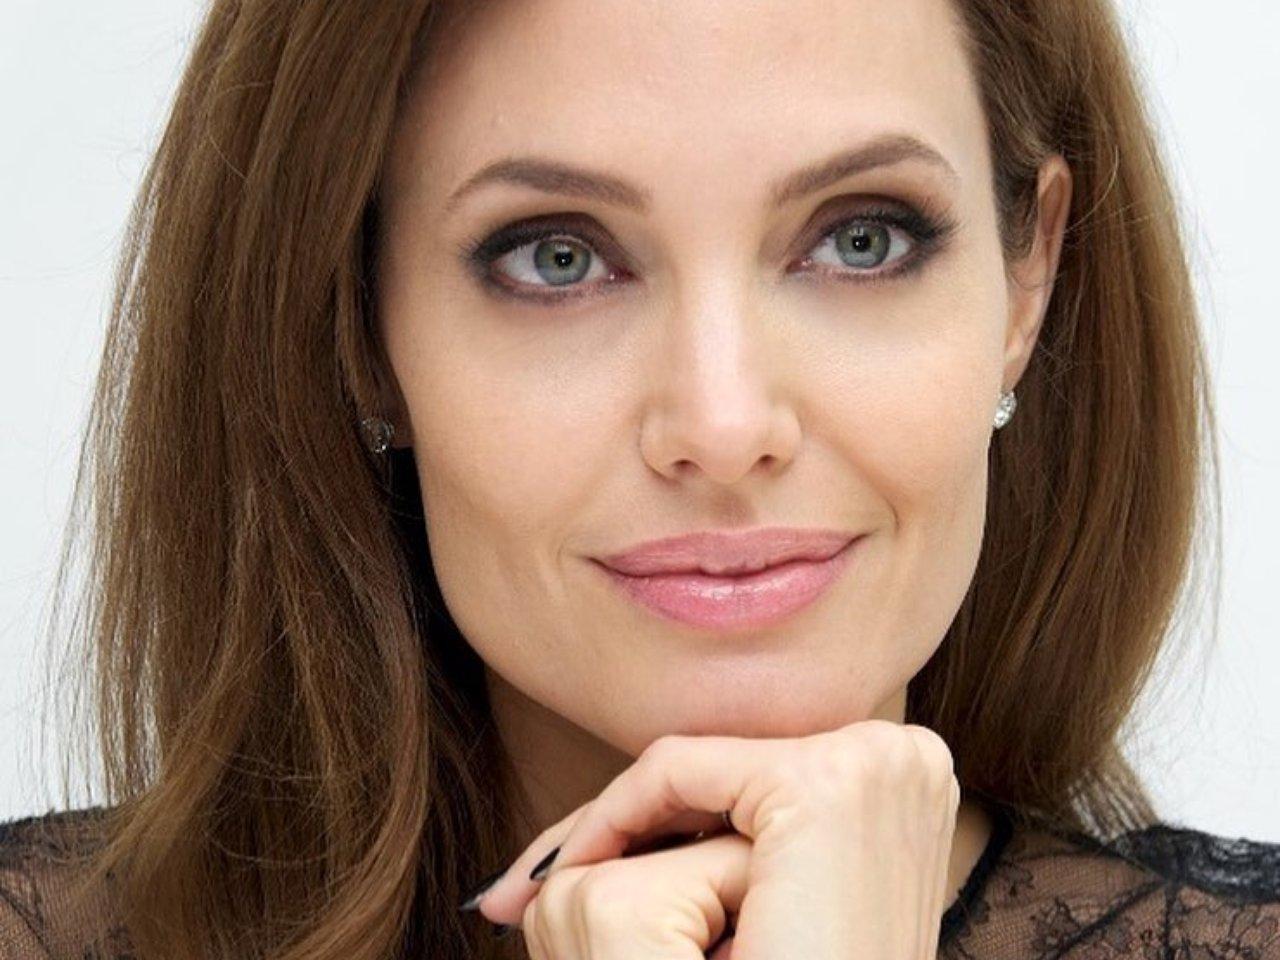 Анджелина Джоли И Брэд Питт Встретят Рождество Вместе | SASS анджелина джоли